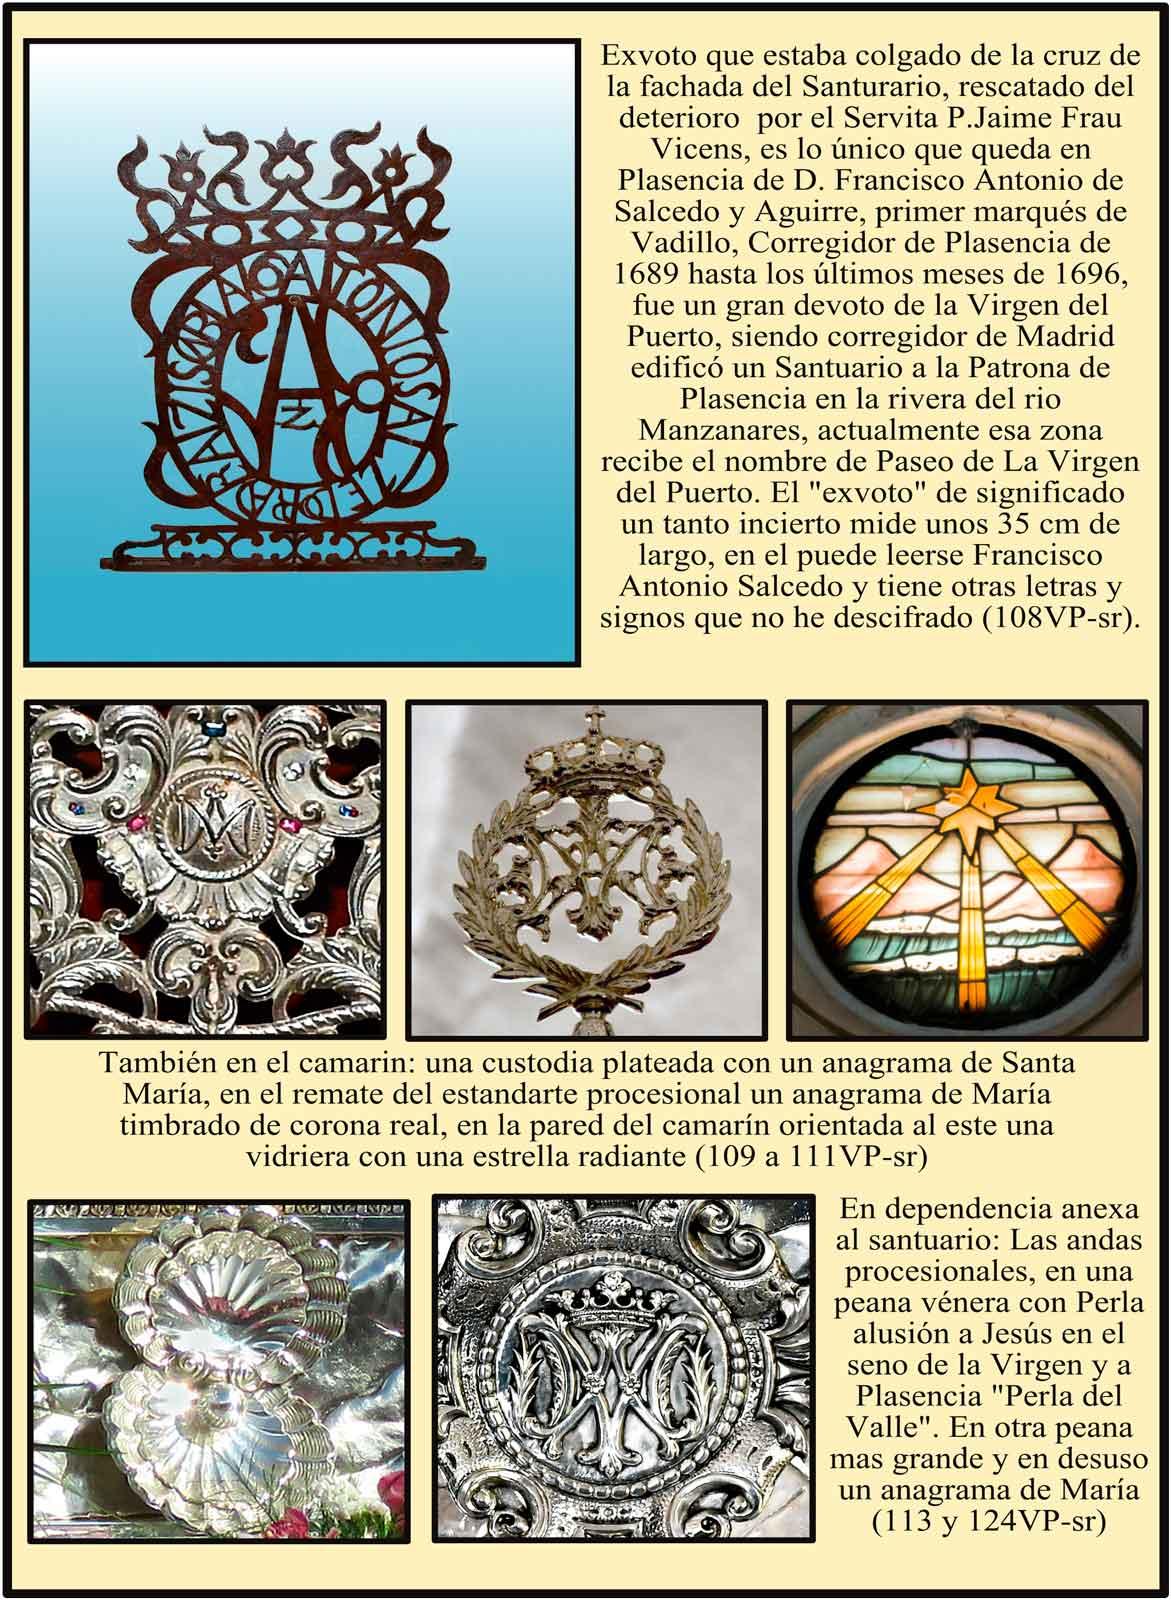 Ofrenda del Marqués de Vadillo a la Virgen del Puerto. Simbolos marianos en el camarin